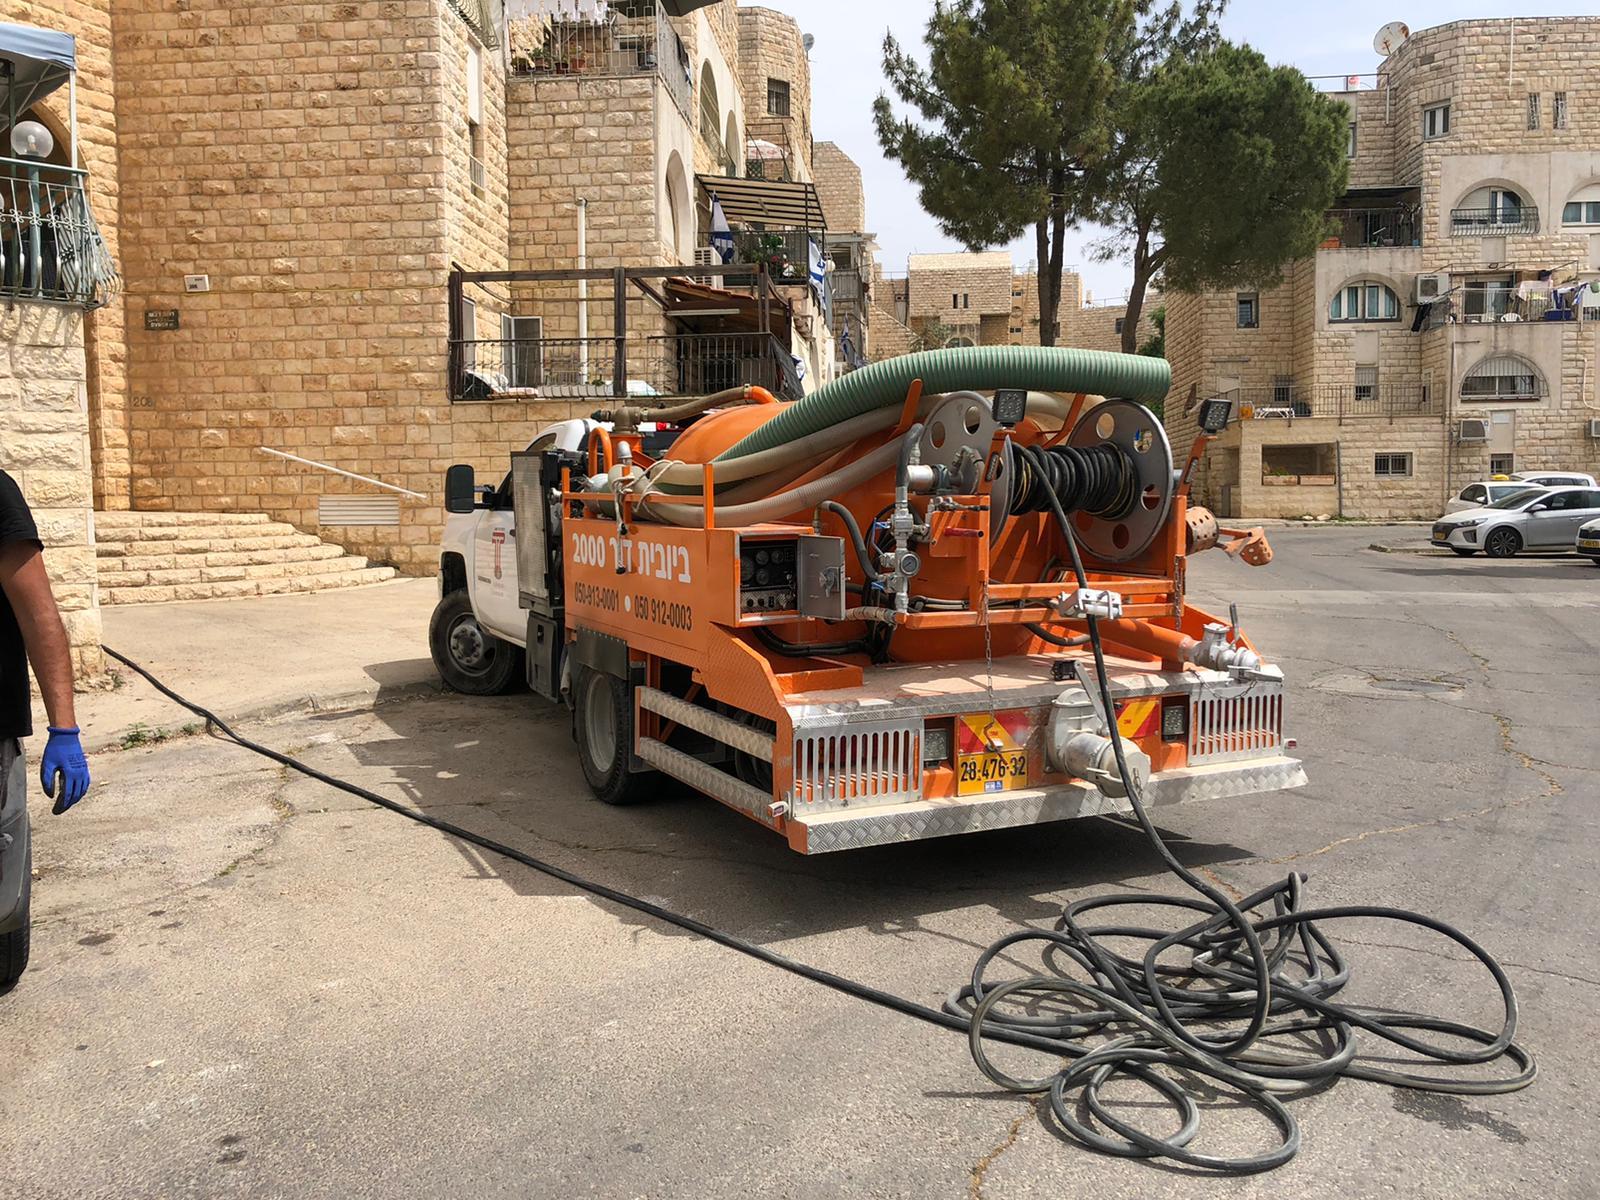 פתיחת סתימה וטיפול בהצפה במקלט בשכונת גילה בירושלים.